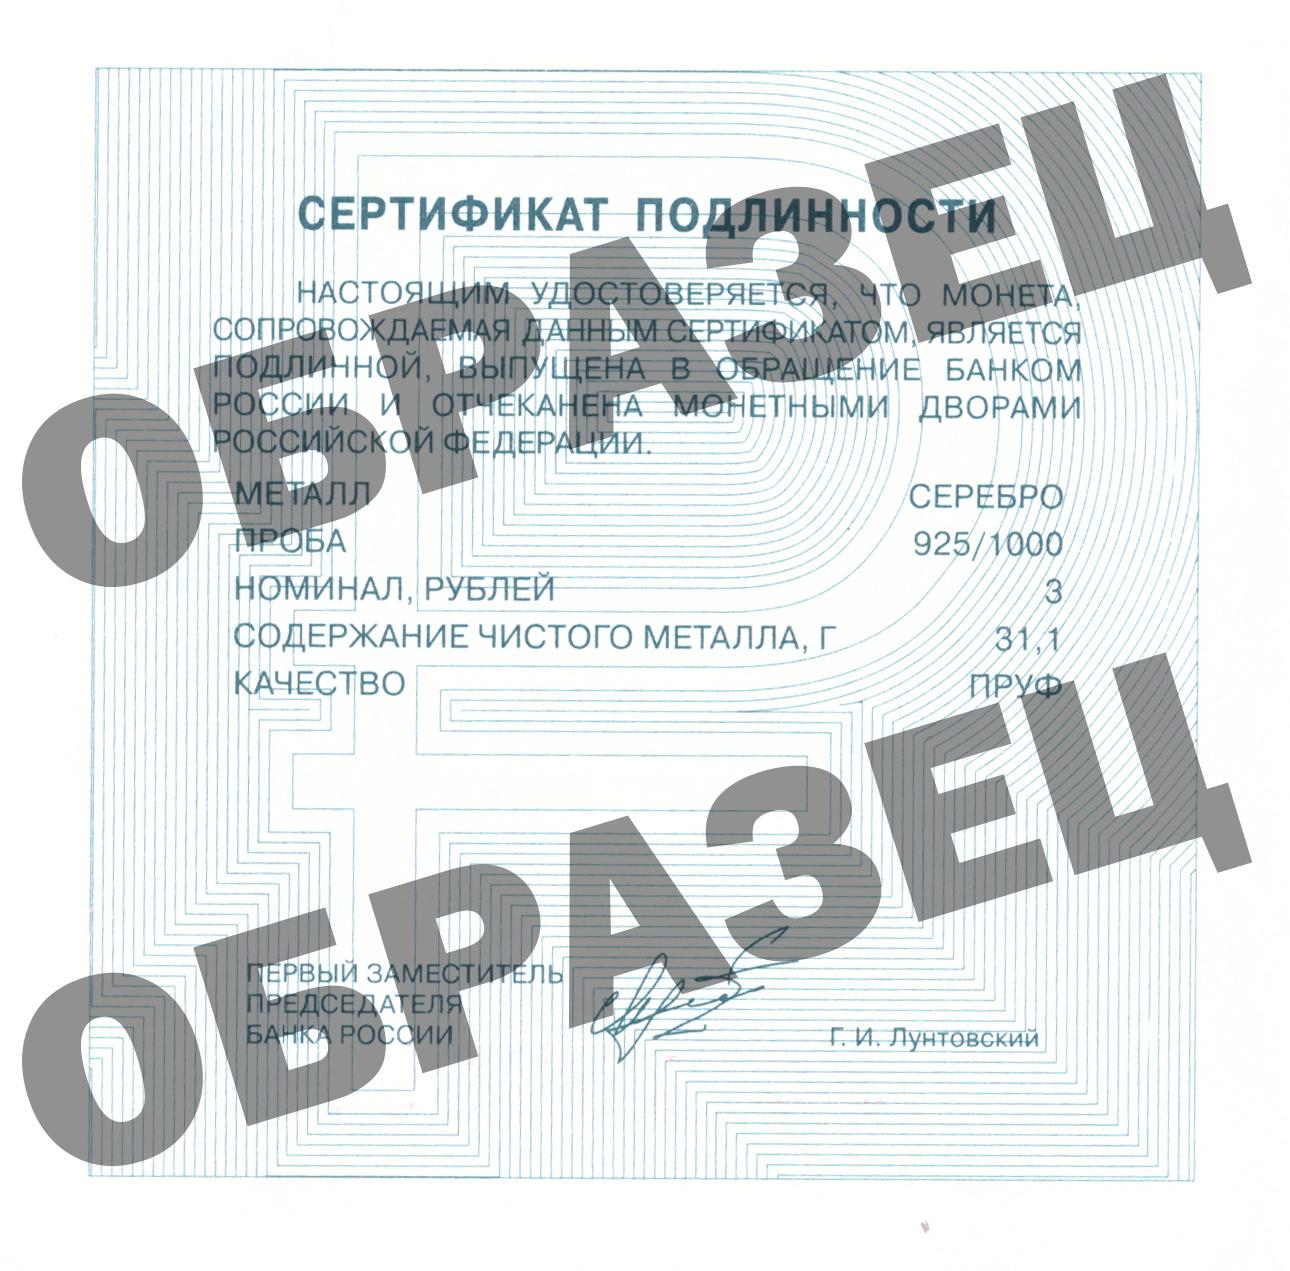 3 рубля 2015 год. Выпуск первой платежной карты